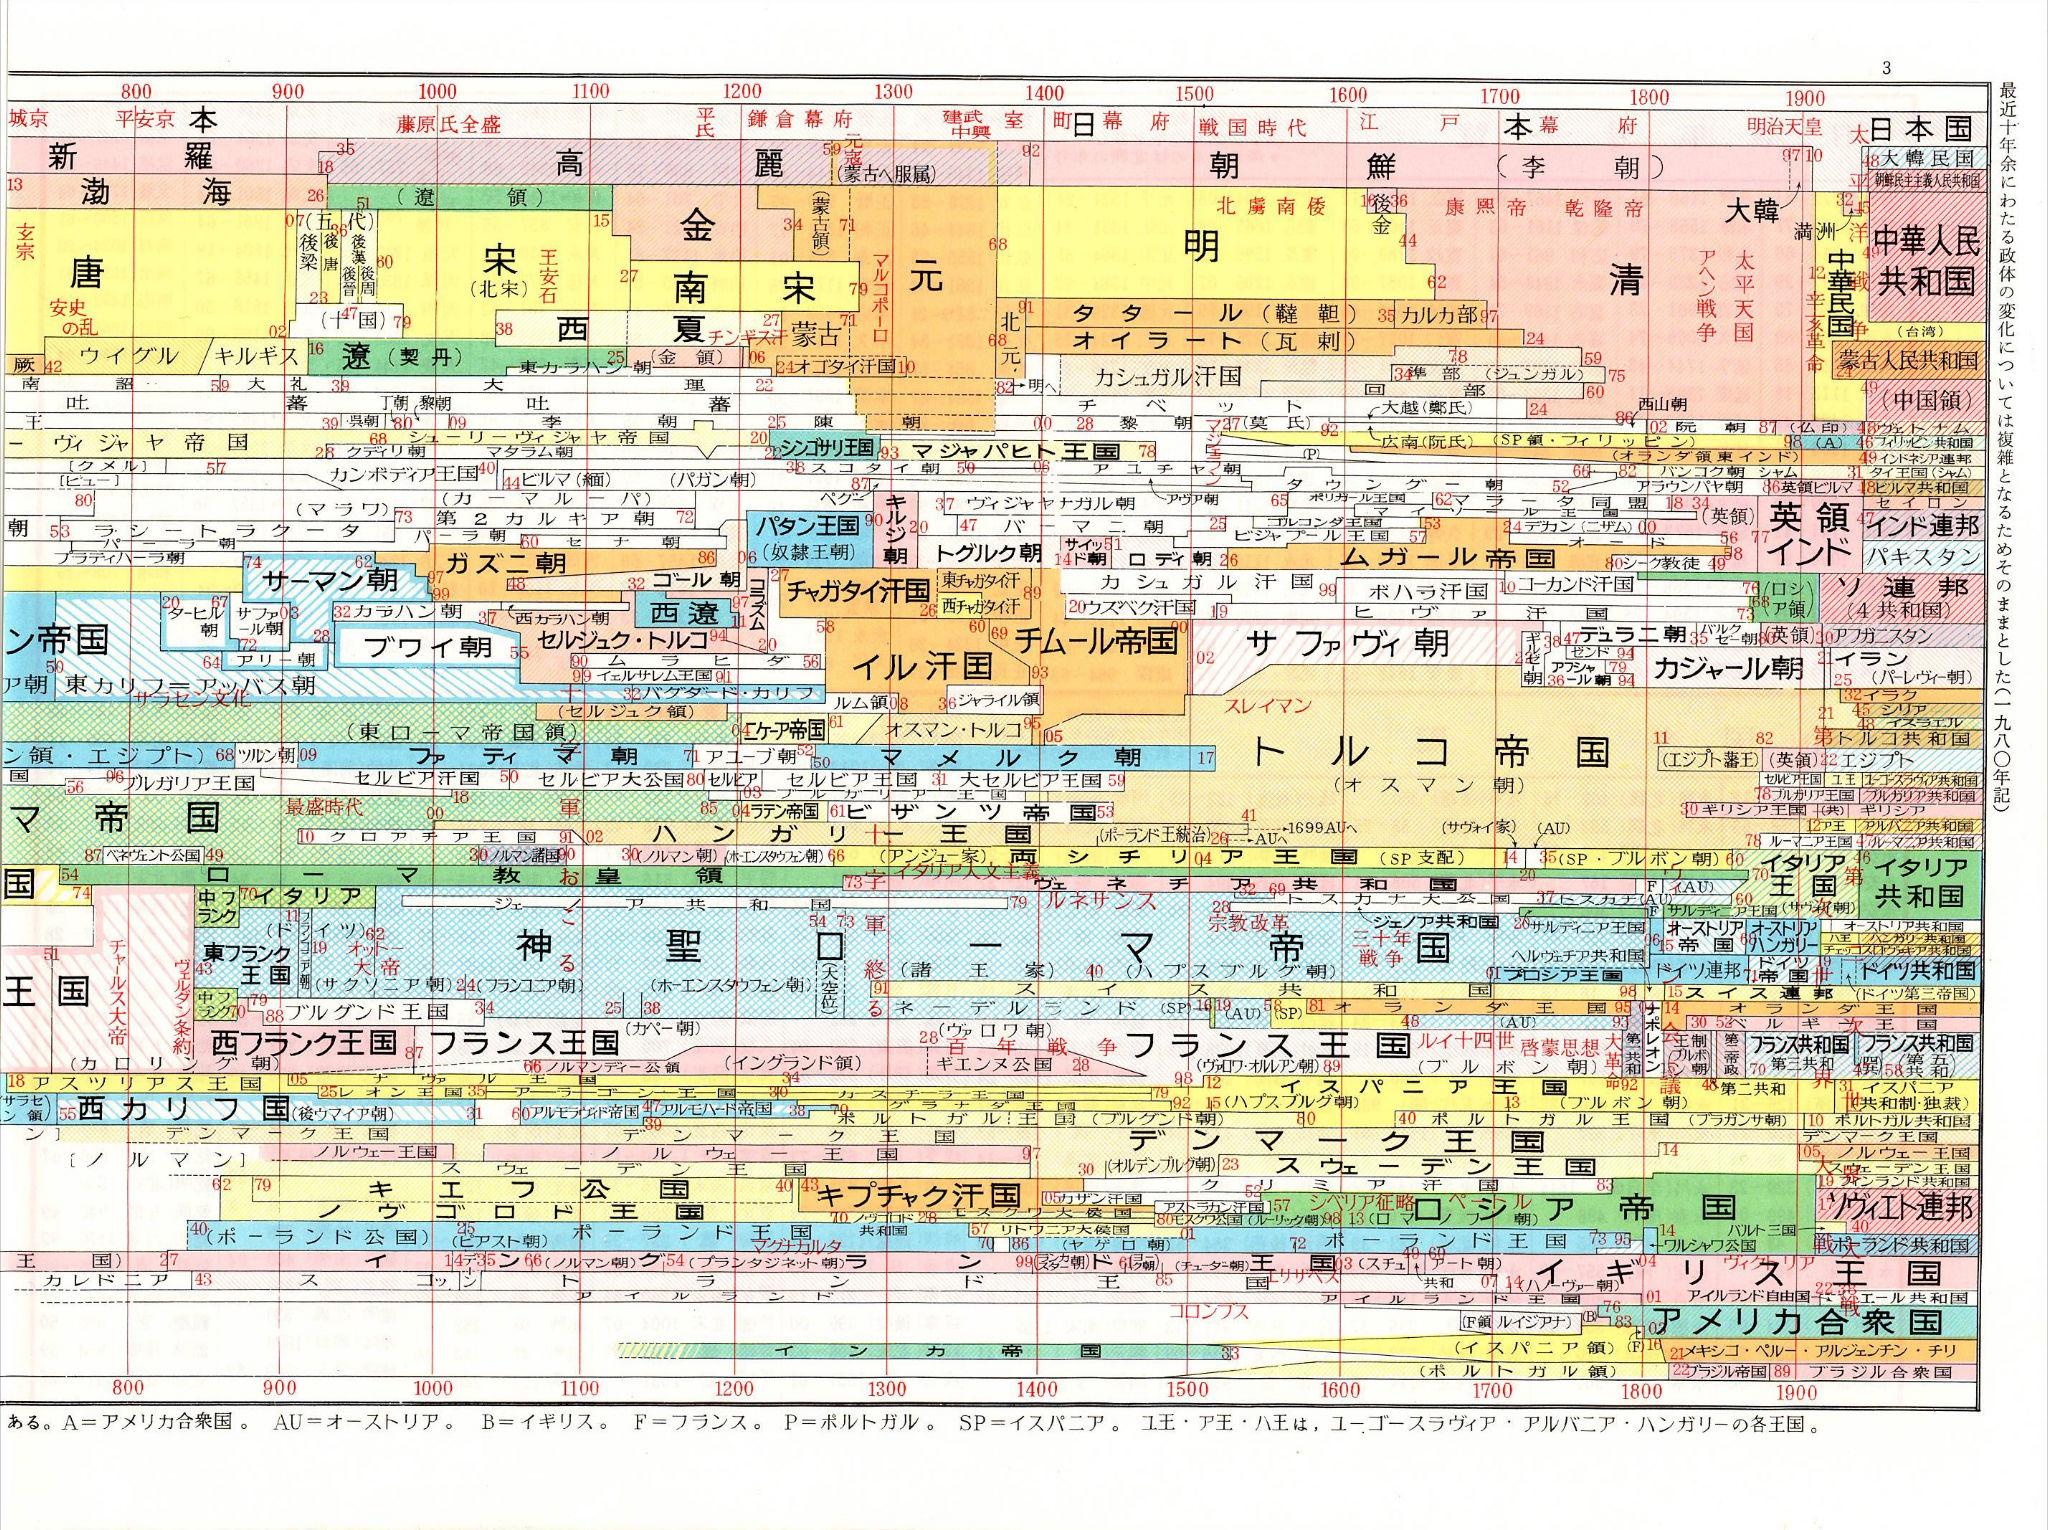 年表 - List of centuries - JapaneseClass ... : 国語問題集 無料 : 国語